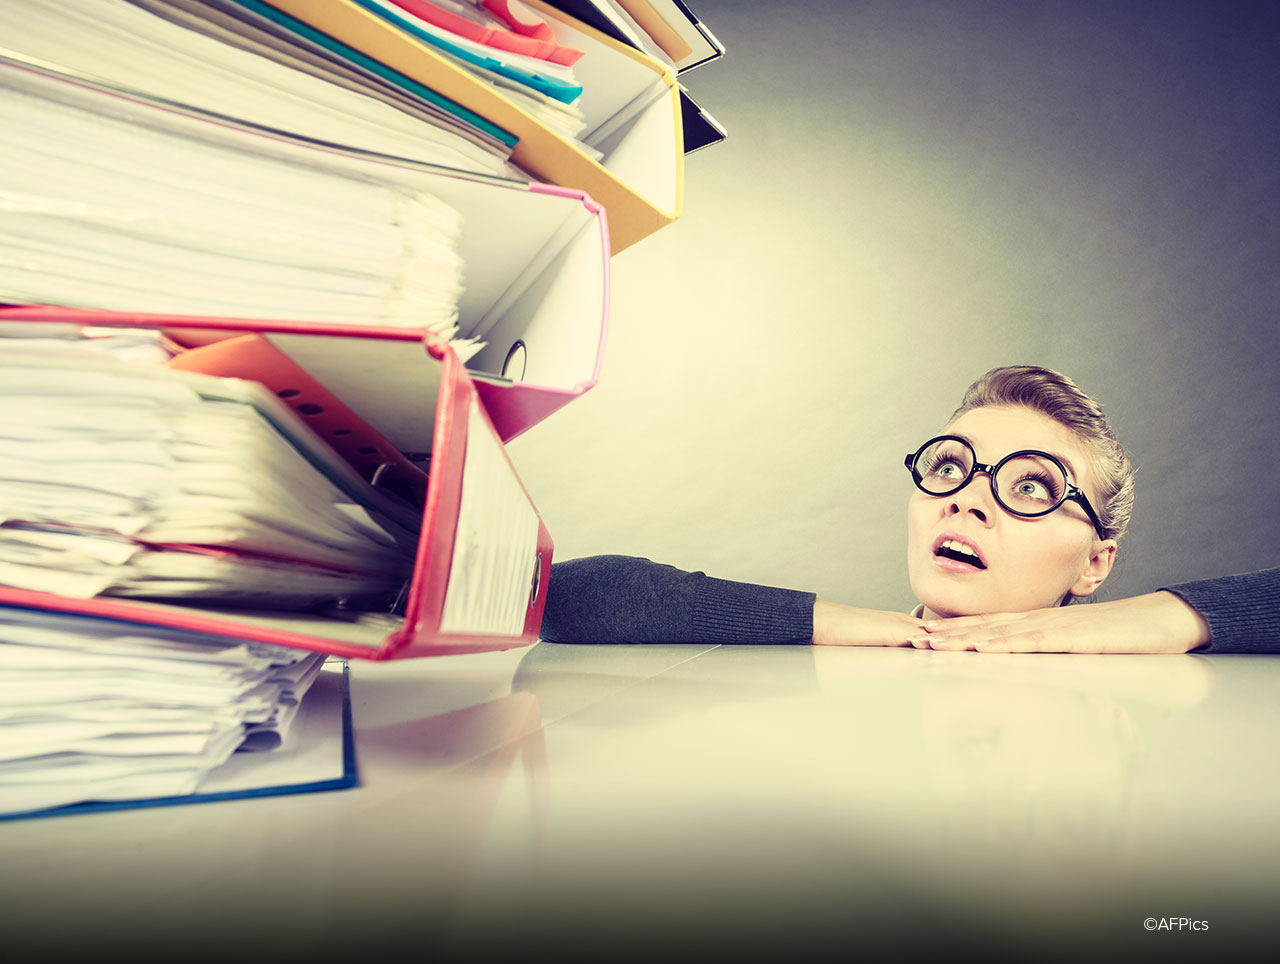 zu großer Workload kann zu Burnout führen